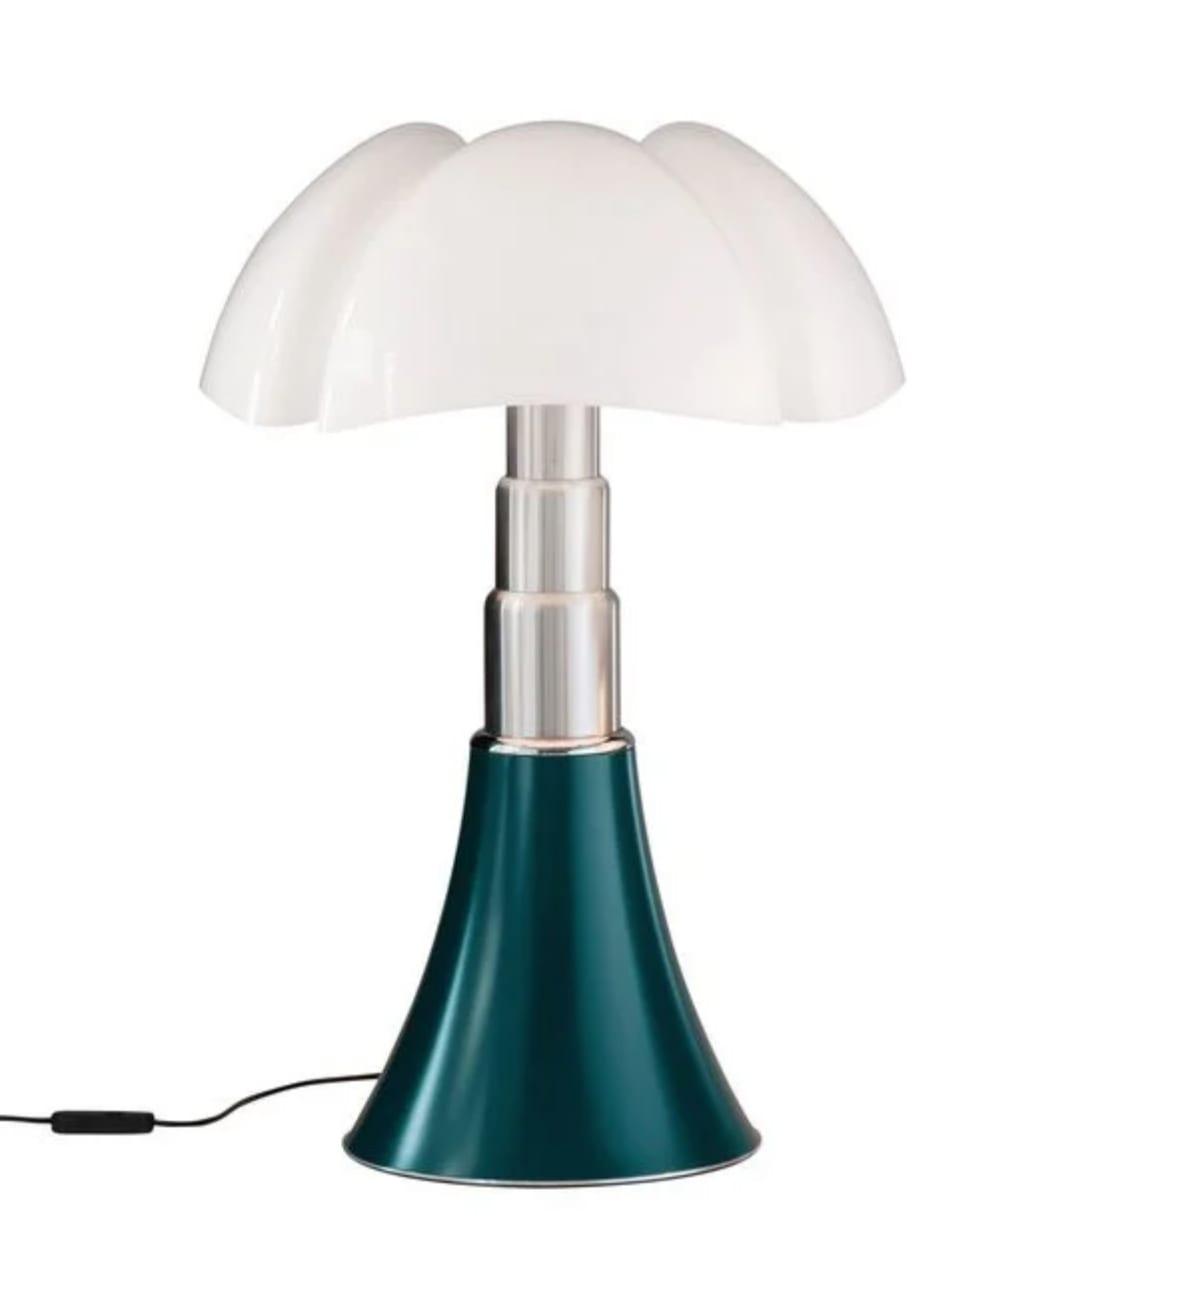 Lampe Dimmer LED pied télescopique vert H50-62cm